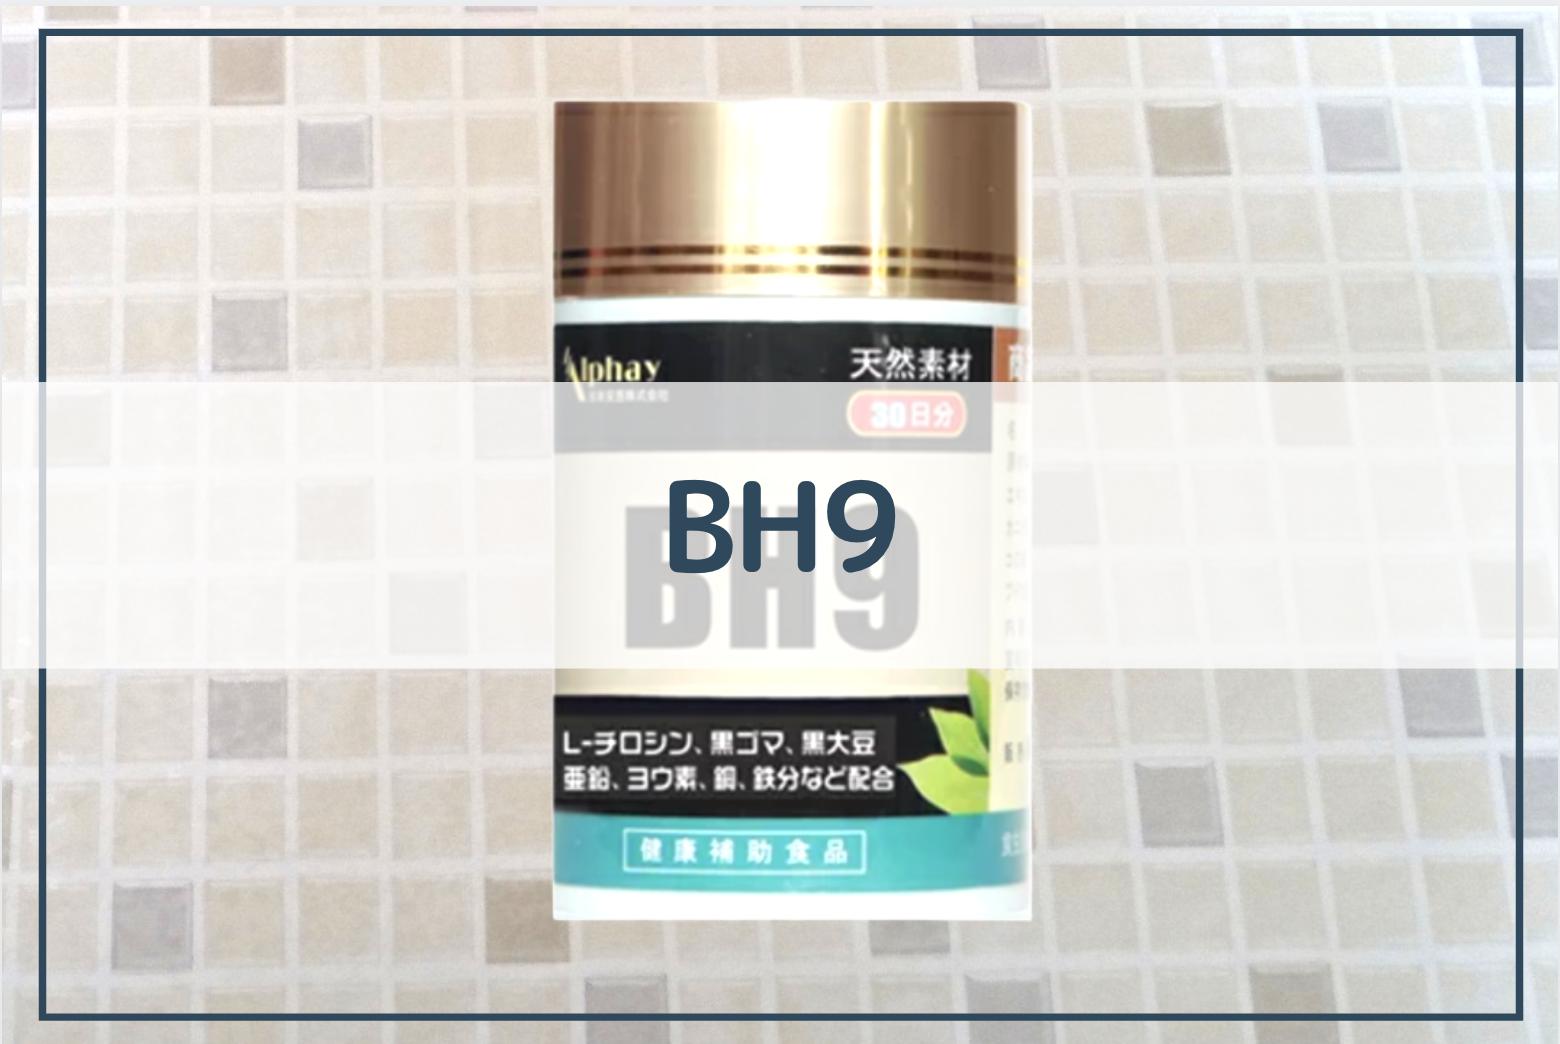 BH9画像